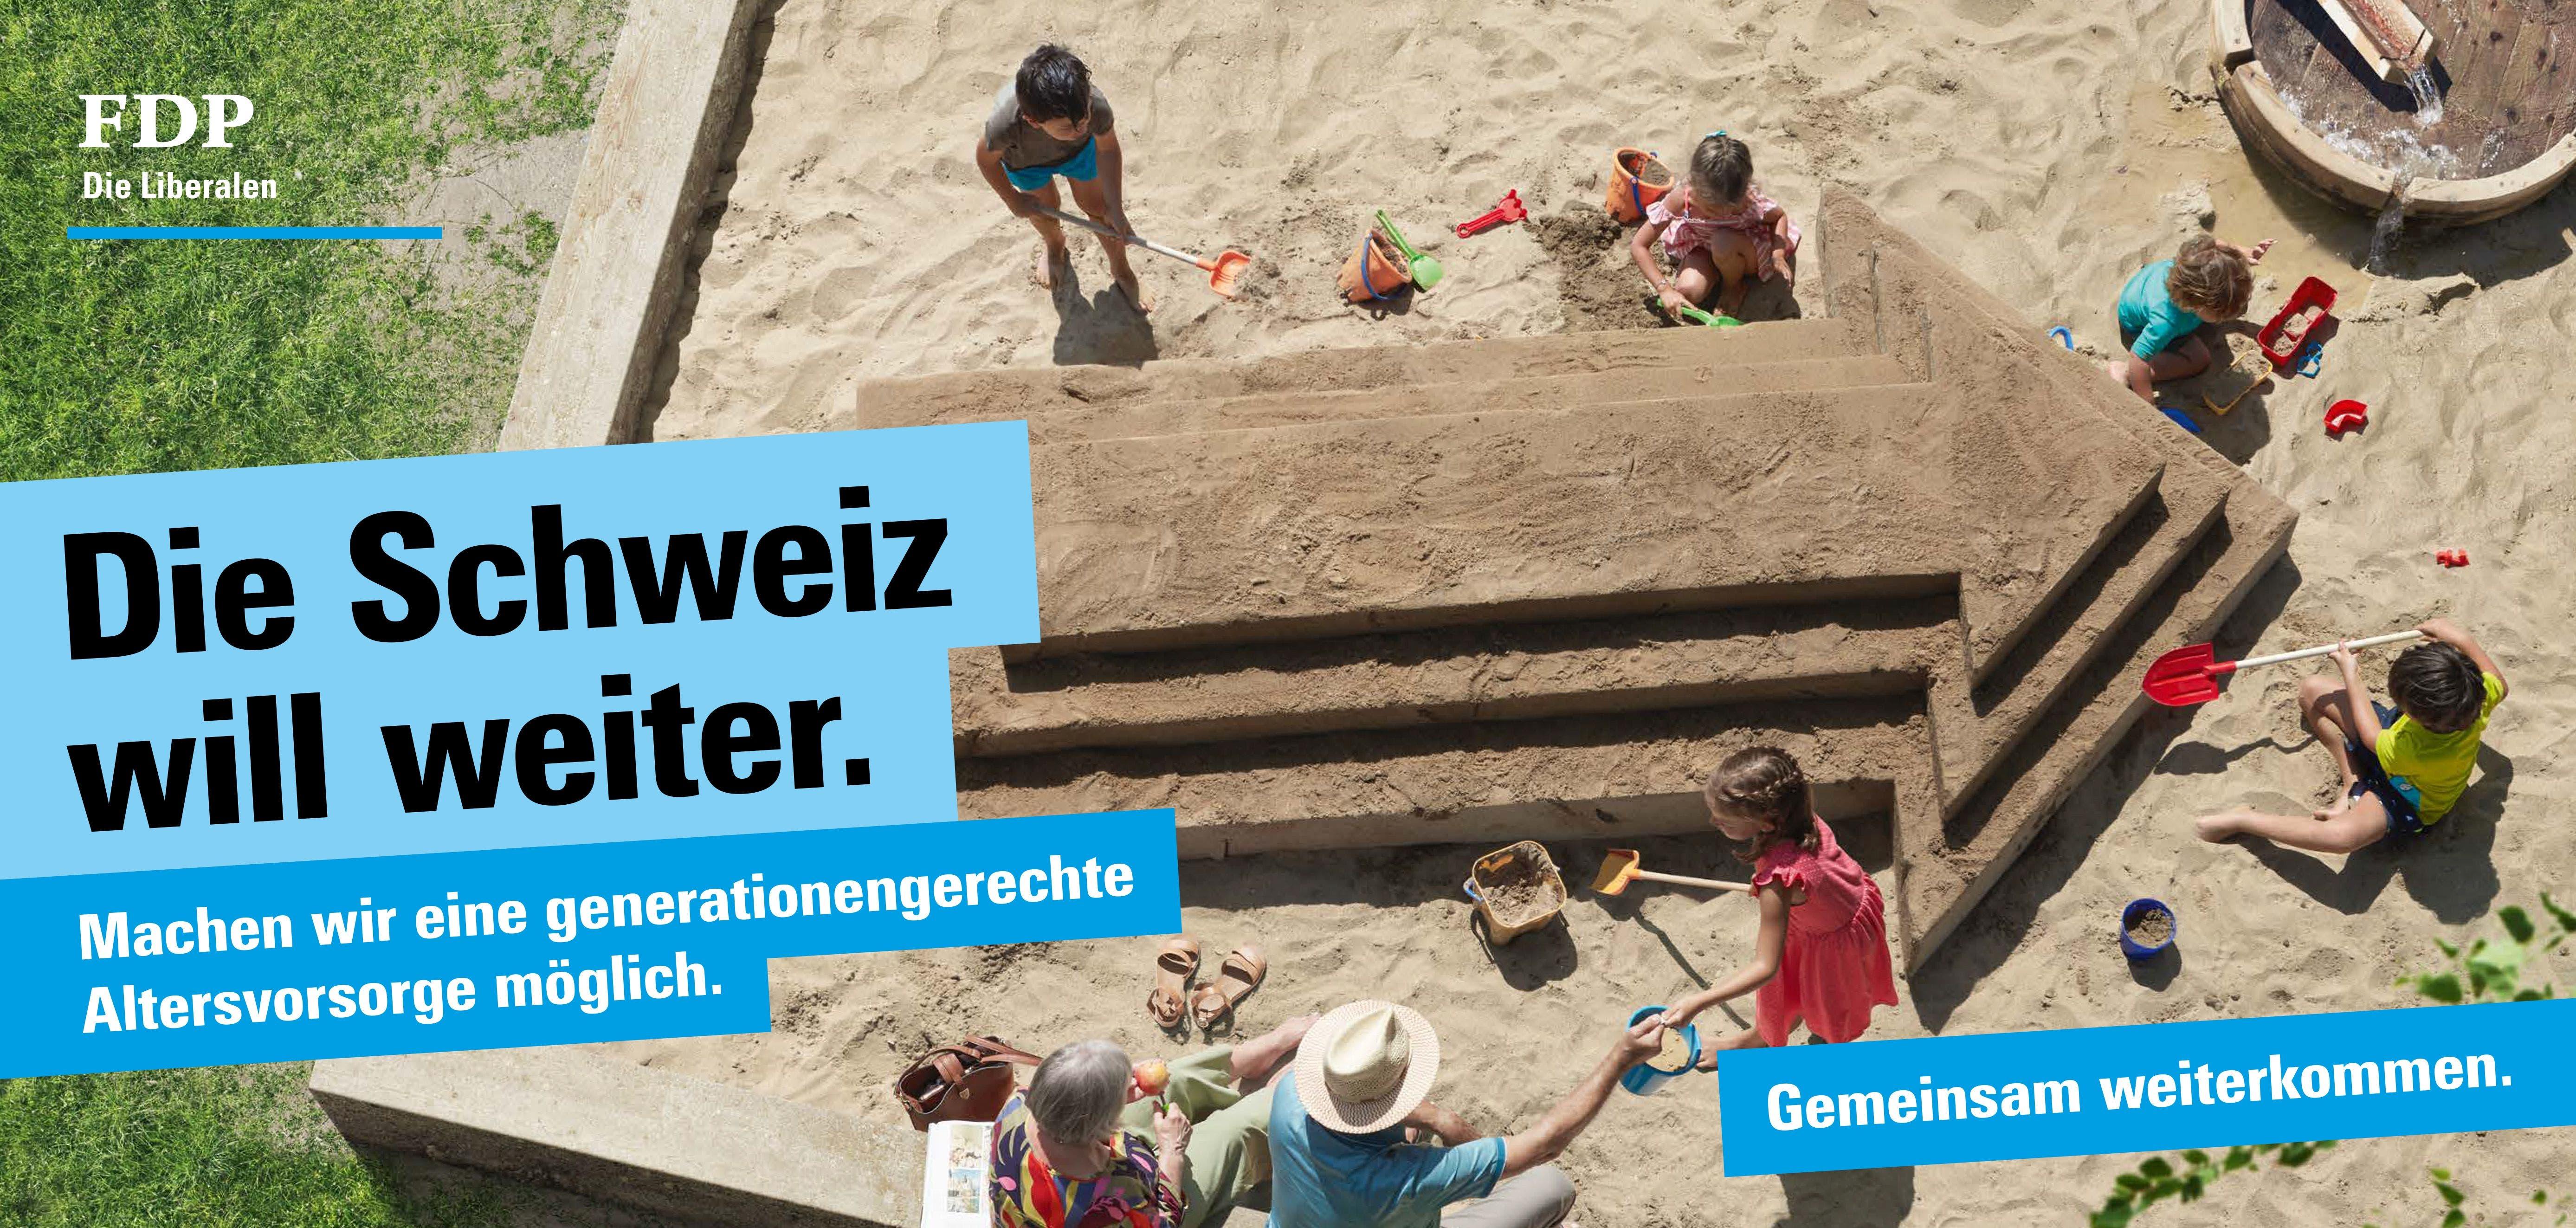 Die FDP will eine generationengerechte Altersvorsorge und thematisiert dies auf den Plakaten. (Bild: FDP)